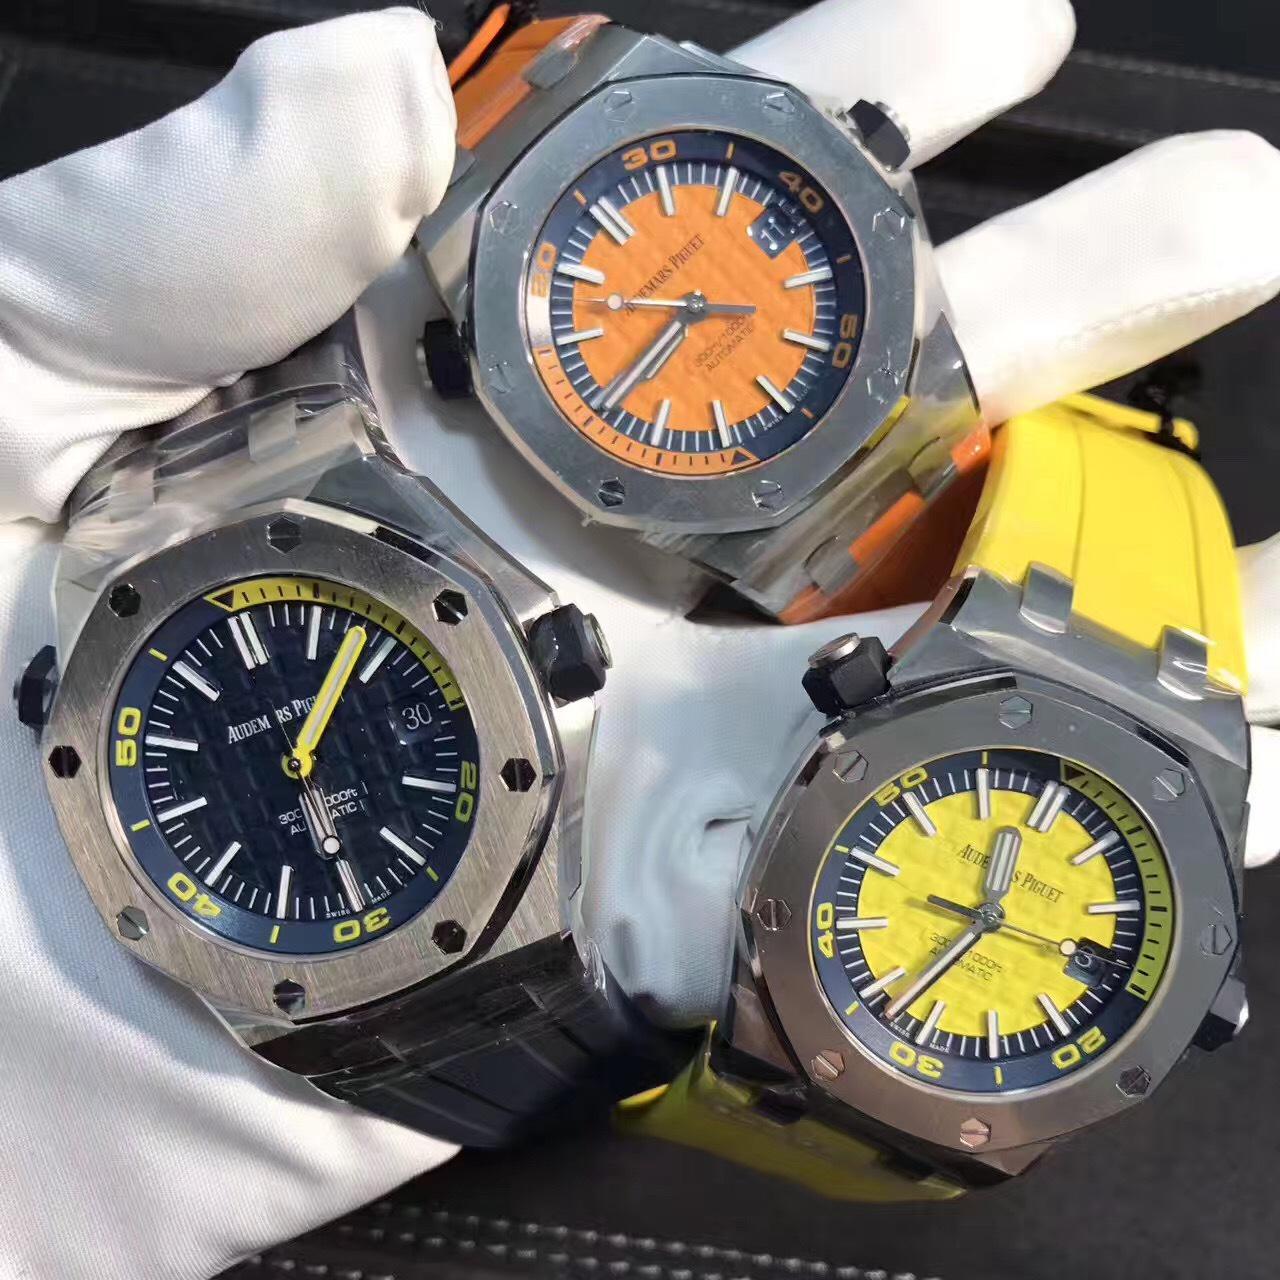 爱彼皇家橡树离岸型系列DIVER潜水腕表评测 常州哪里高价回收爱彼手表